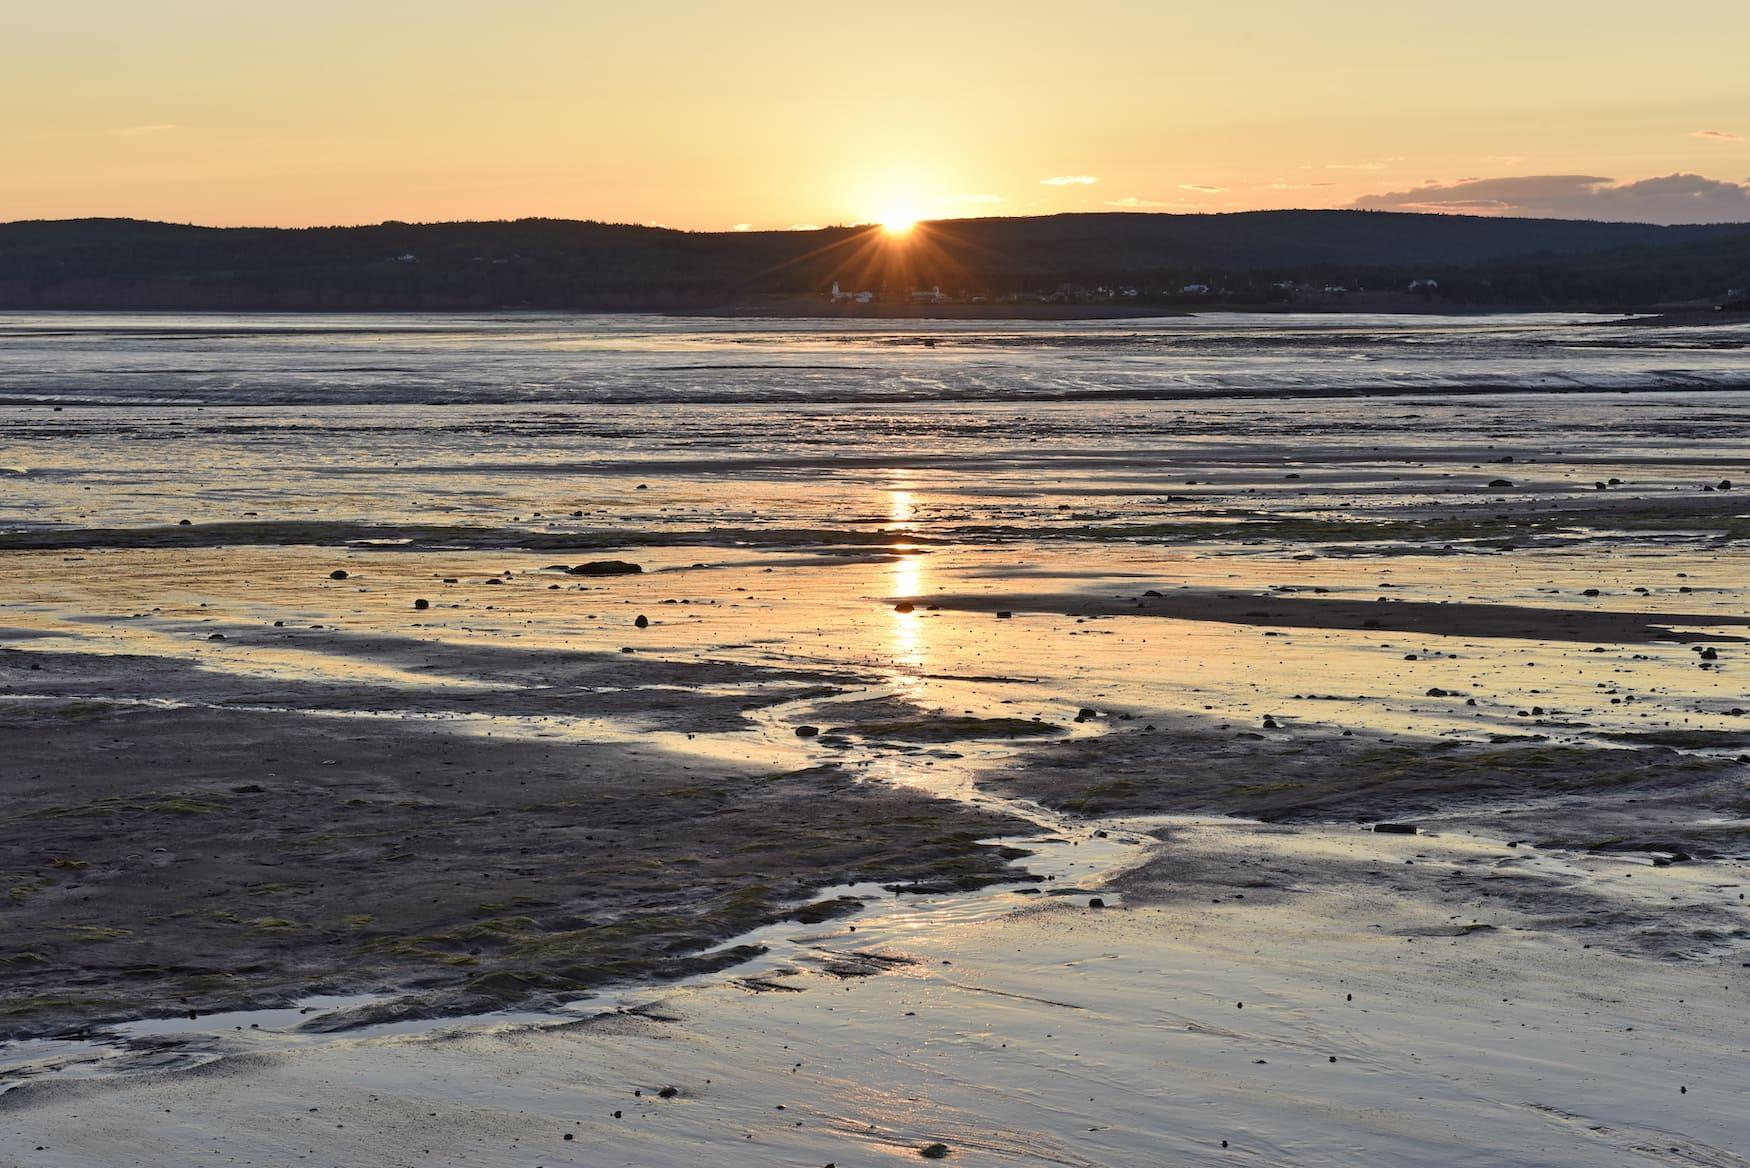 Sonnenuntergang auf Roadtrip in Nova Scotia